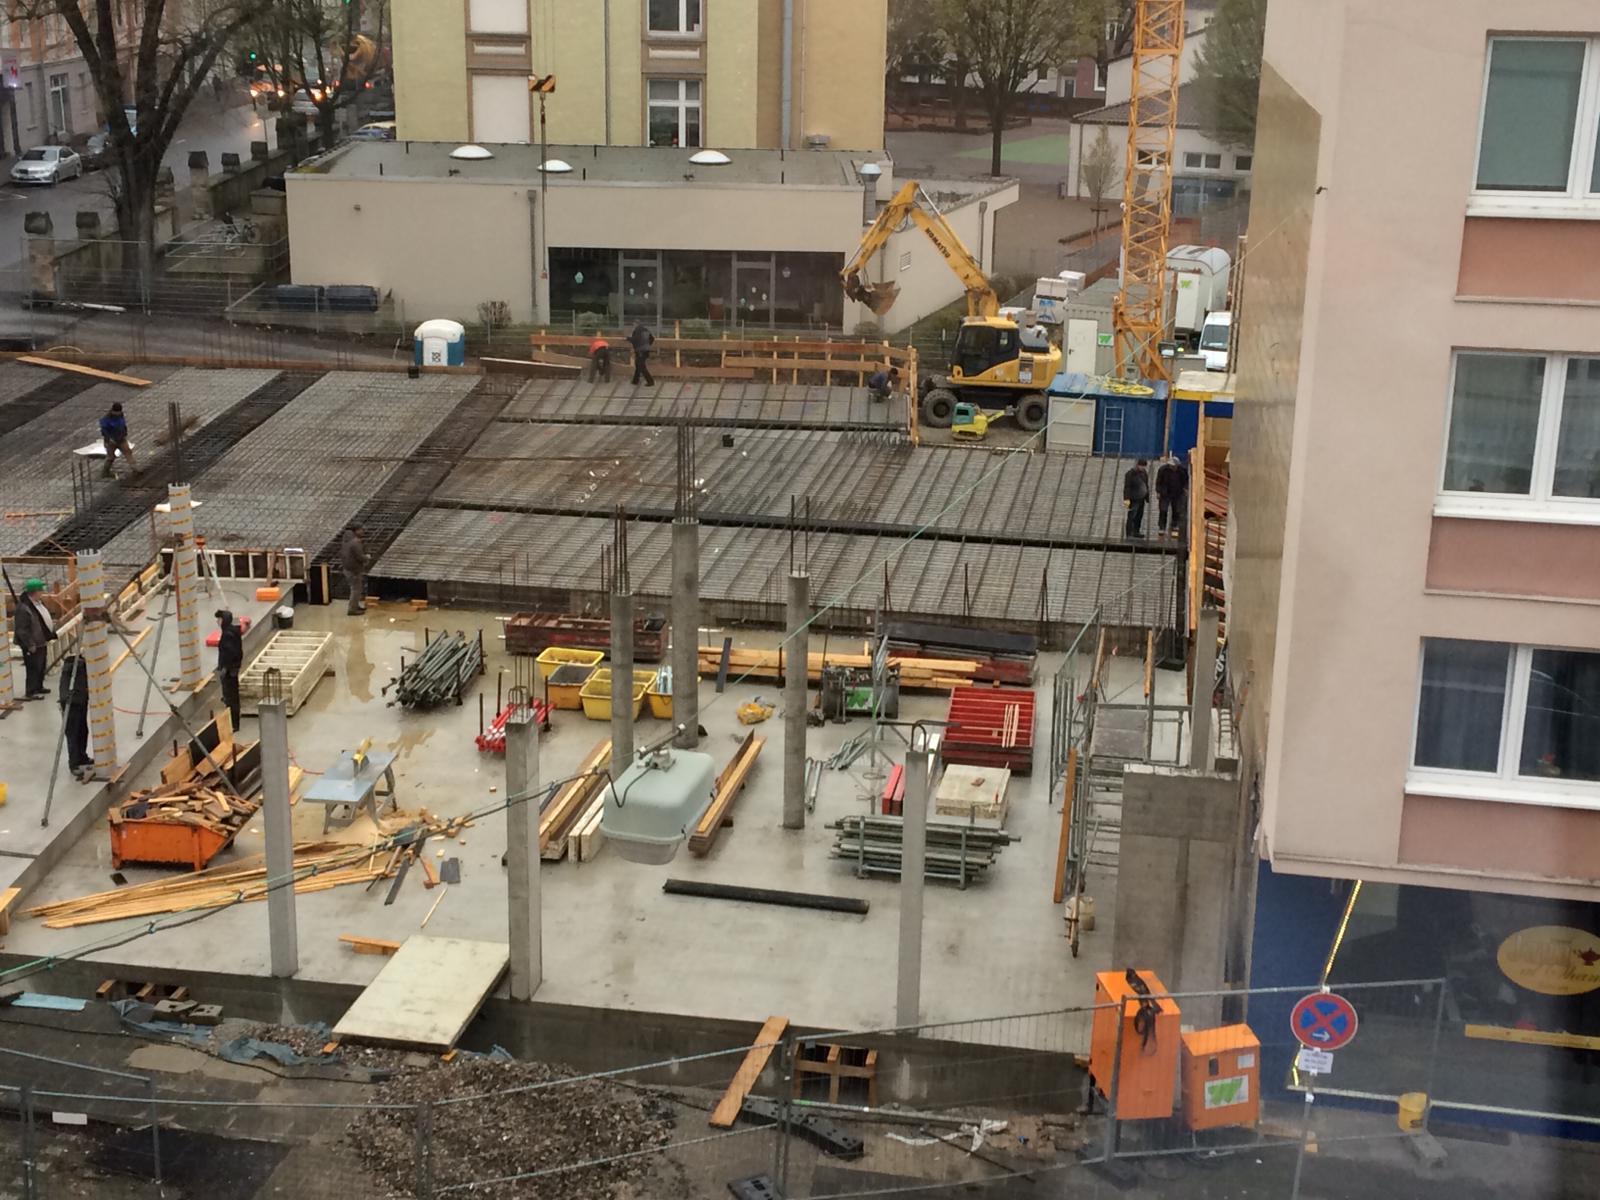 Tiefgaragen-Decke im Bau